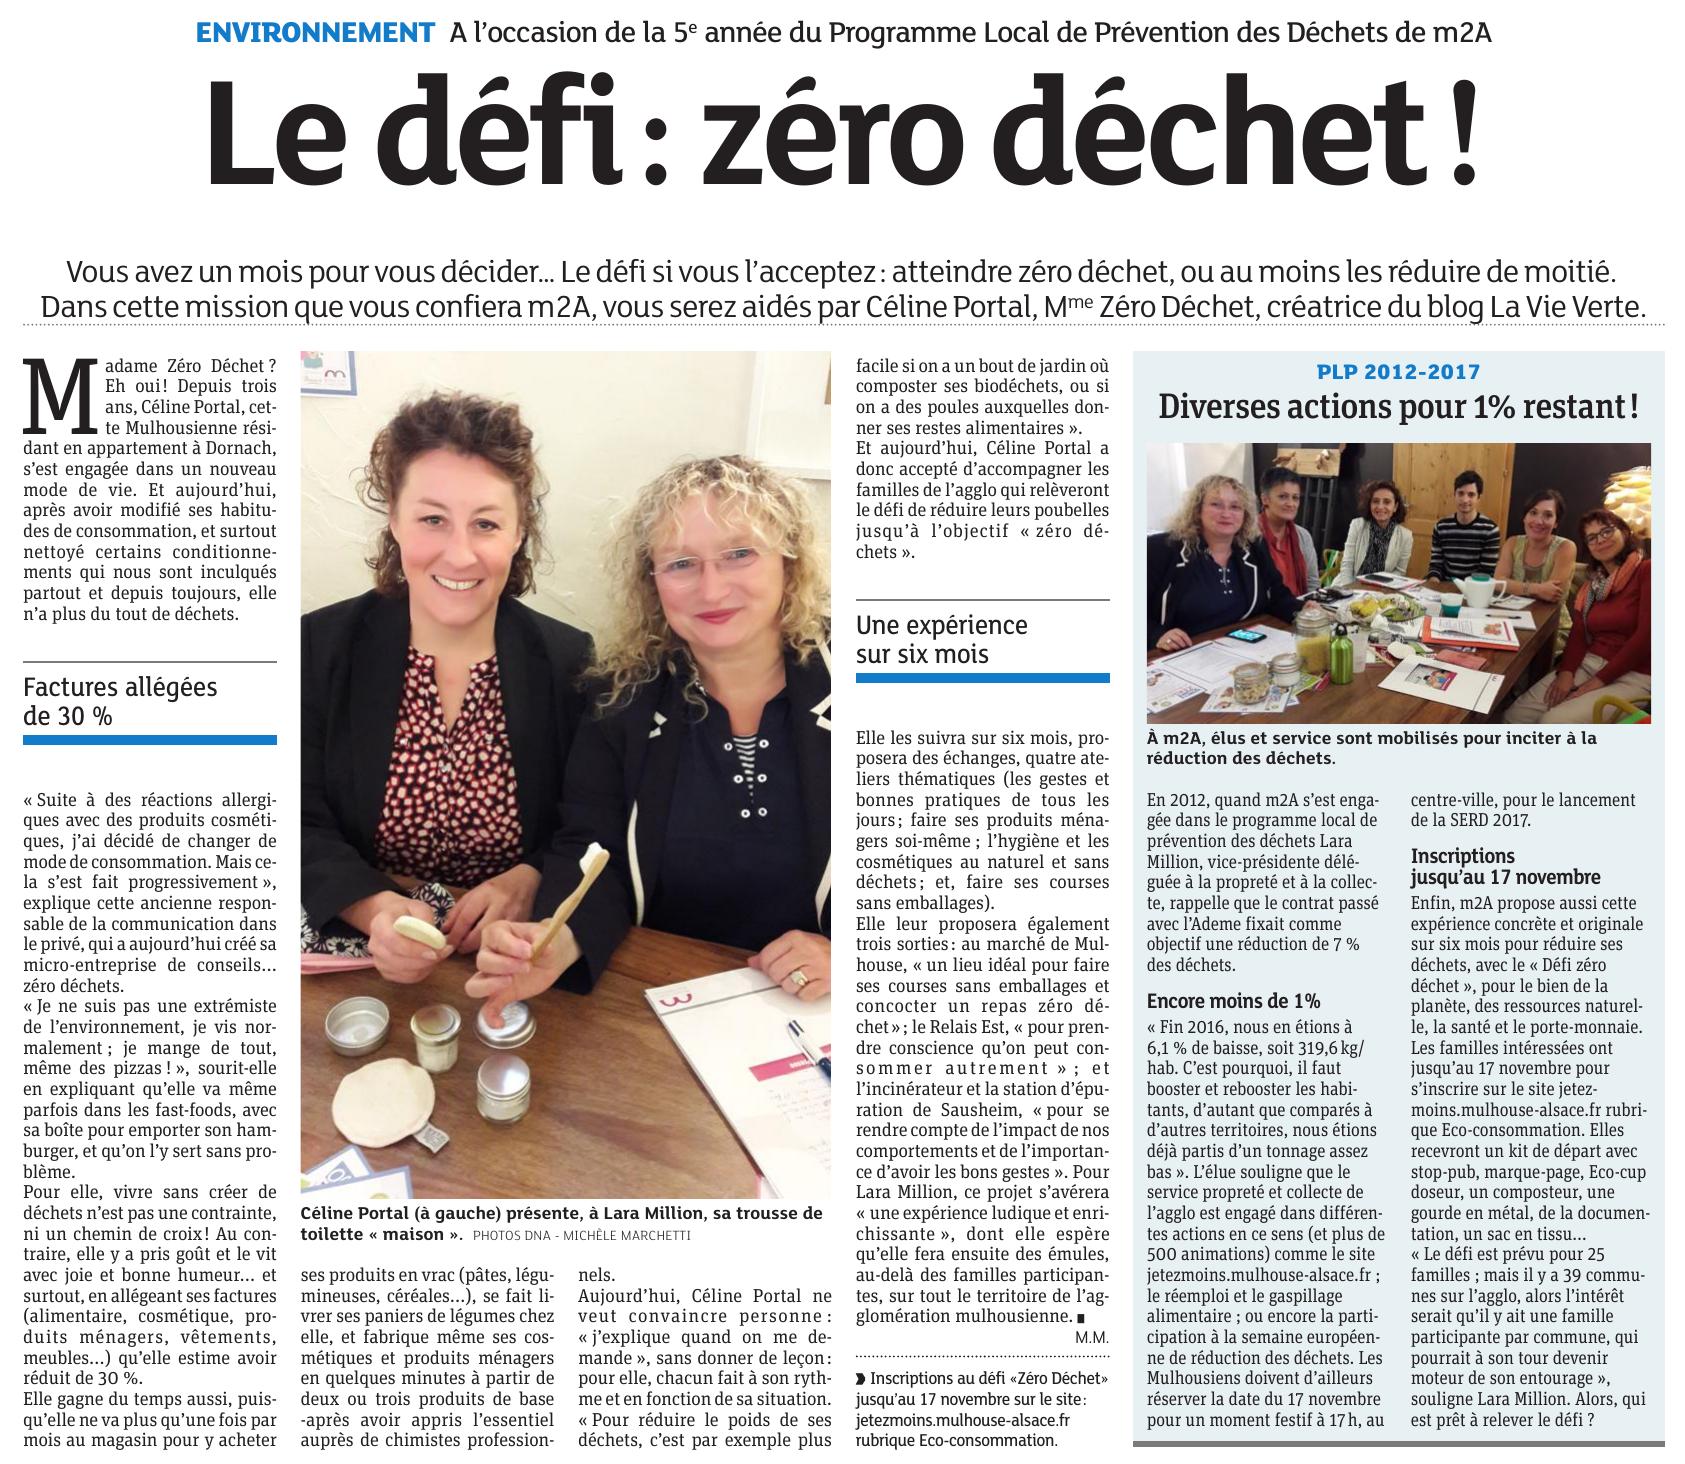 Le_défi_zero_dechet mulhouse m2a